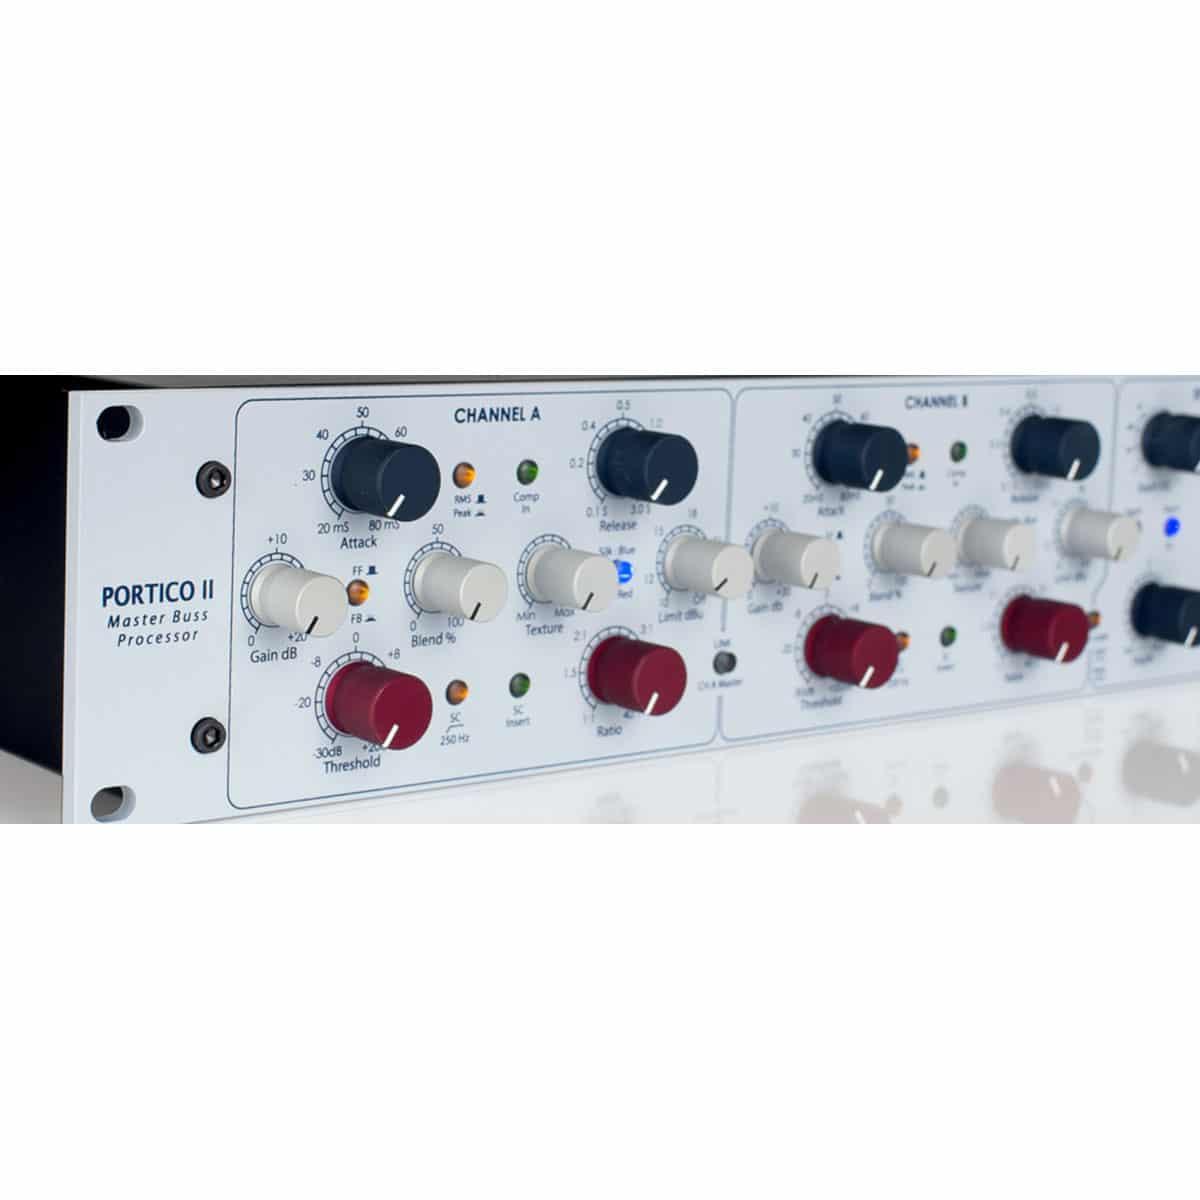 Rupert Neve Portico II Master Bus Processor 04 Strumentazioni Pro Audio per studi di registrazione, Outboard professionale analogico, Compressori analogici per il tuo studio di registrazione